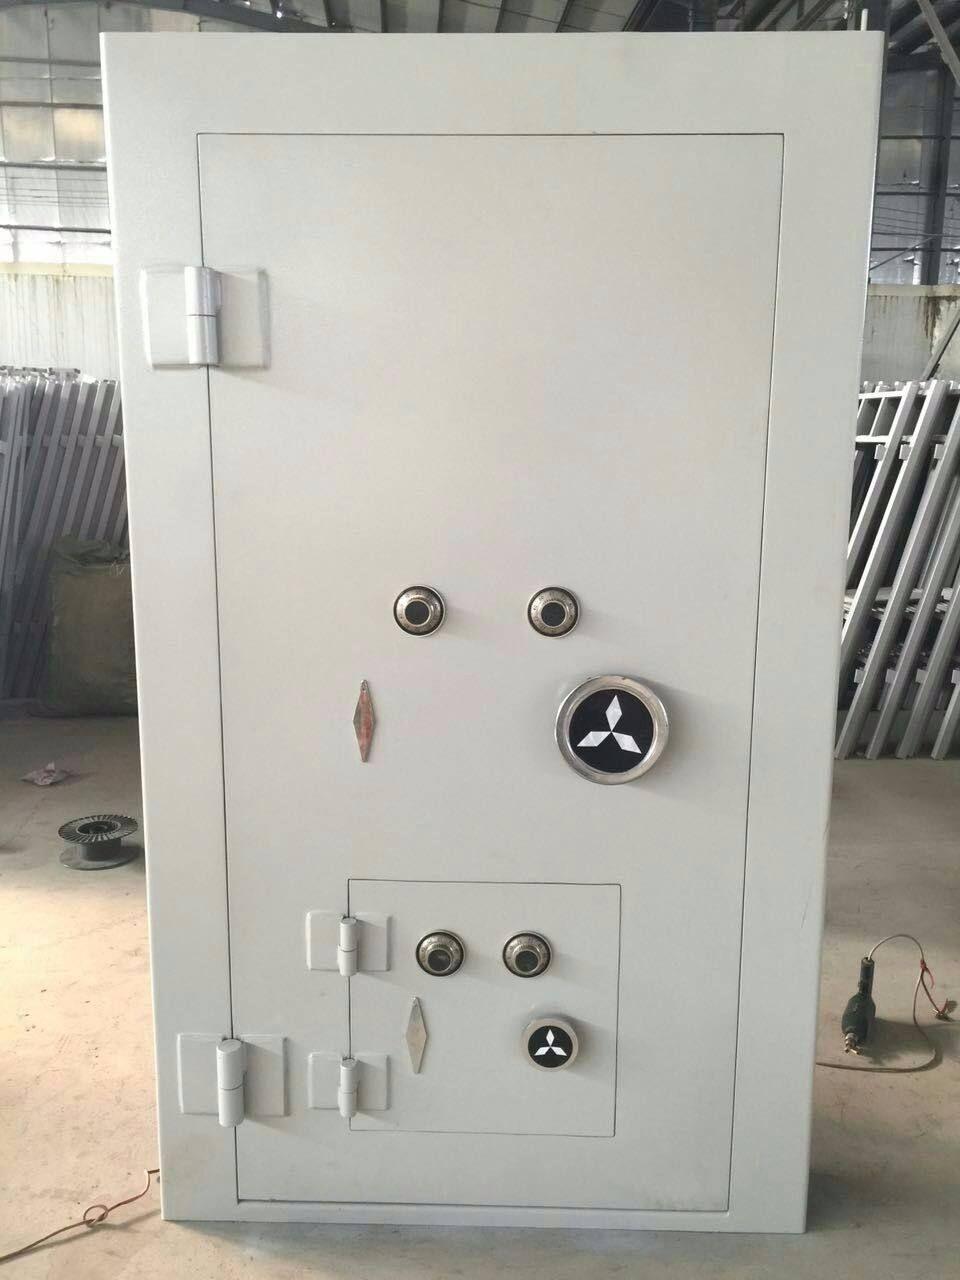 Bank Vaults Doors For Sale Vault Doors Banks Vault Safe Deposit Box